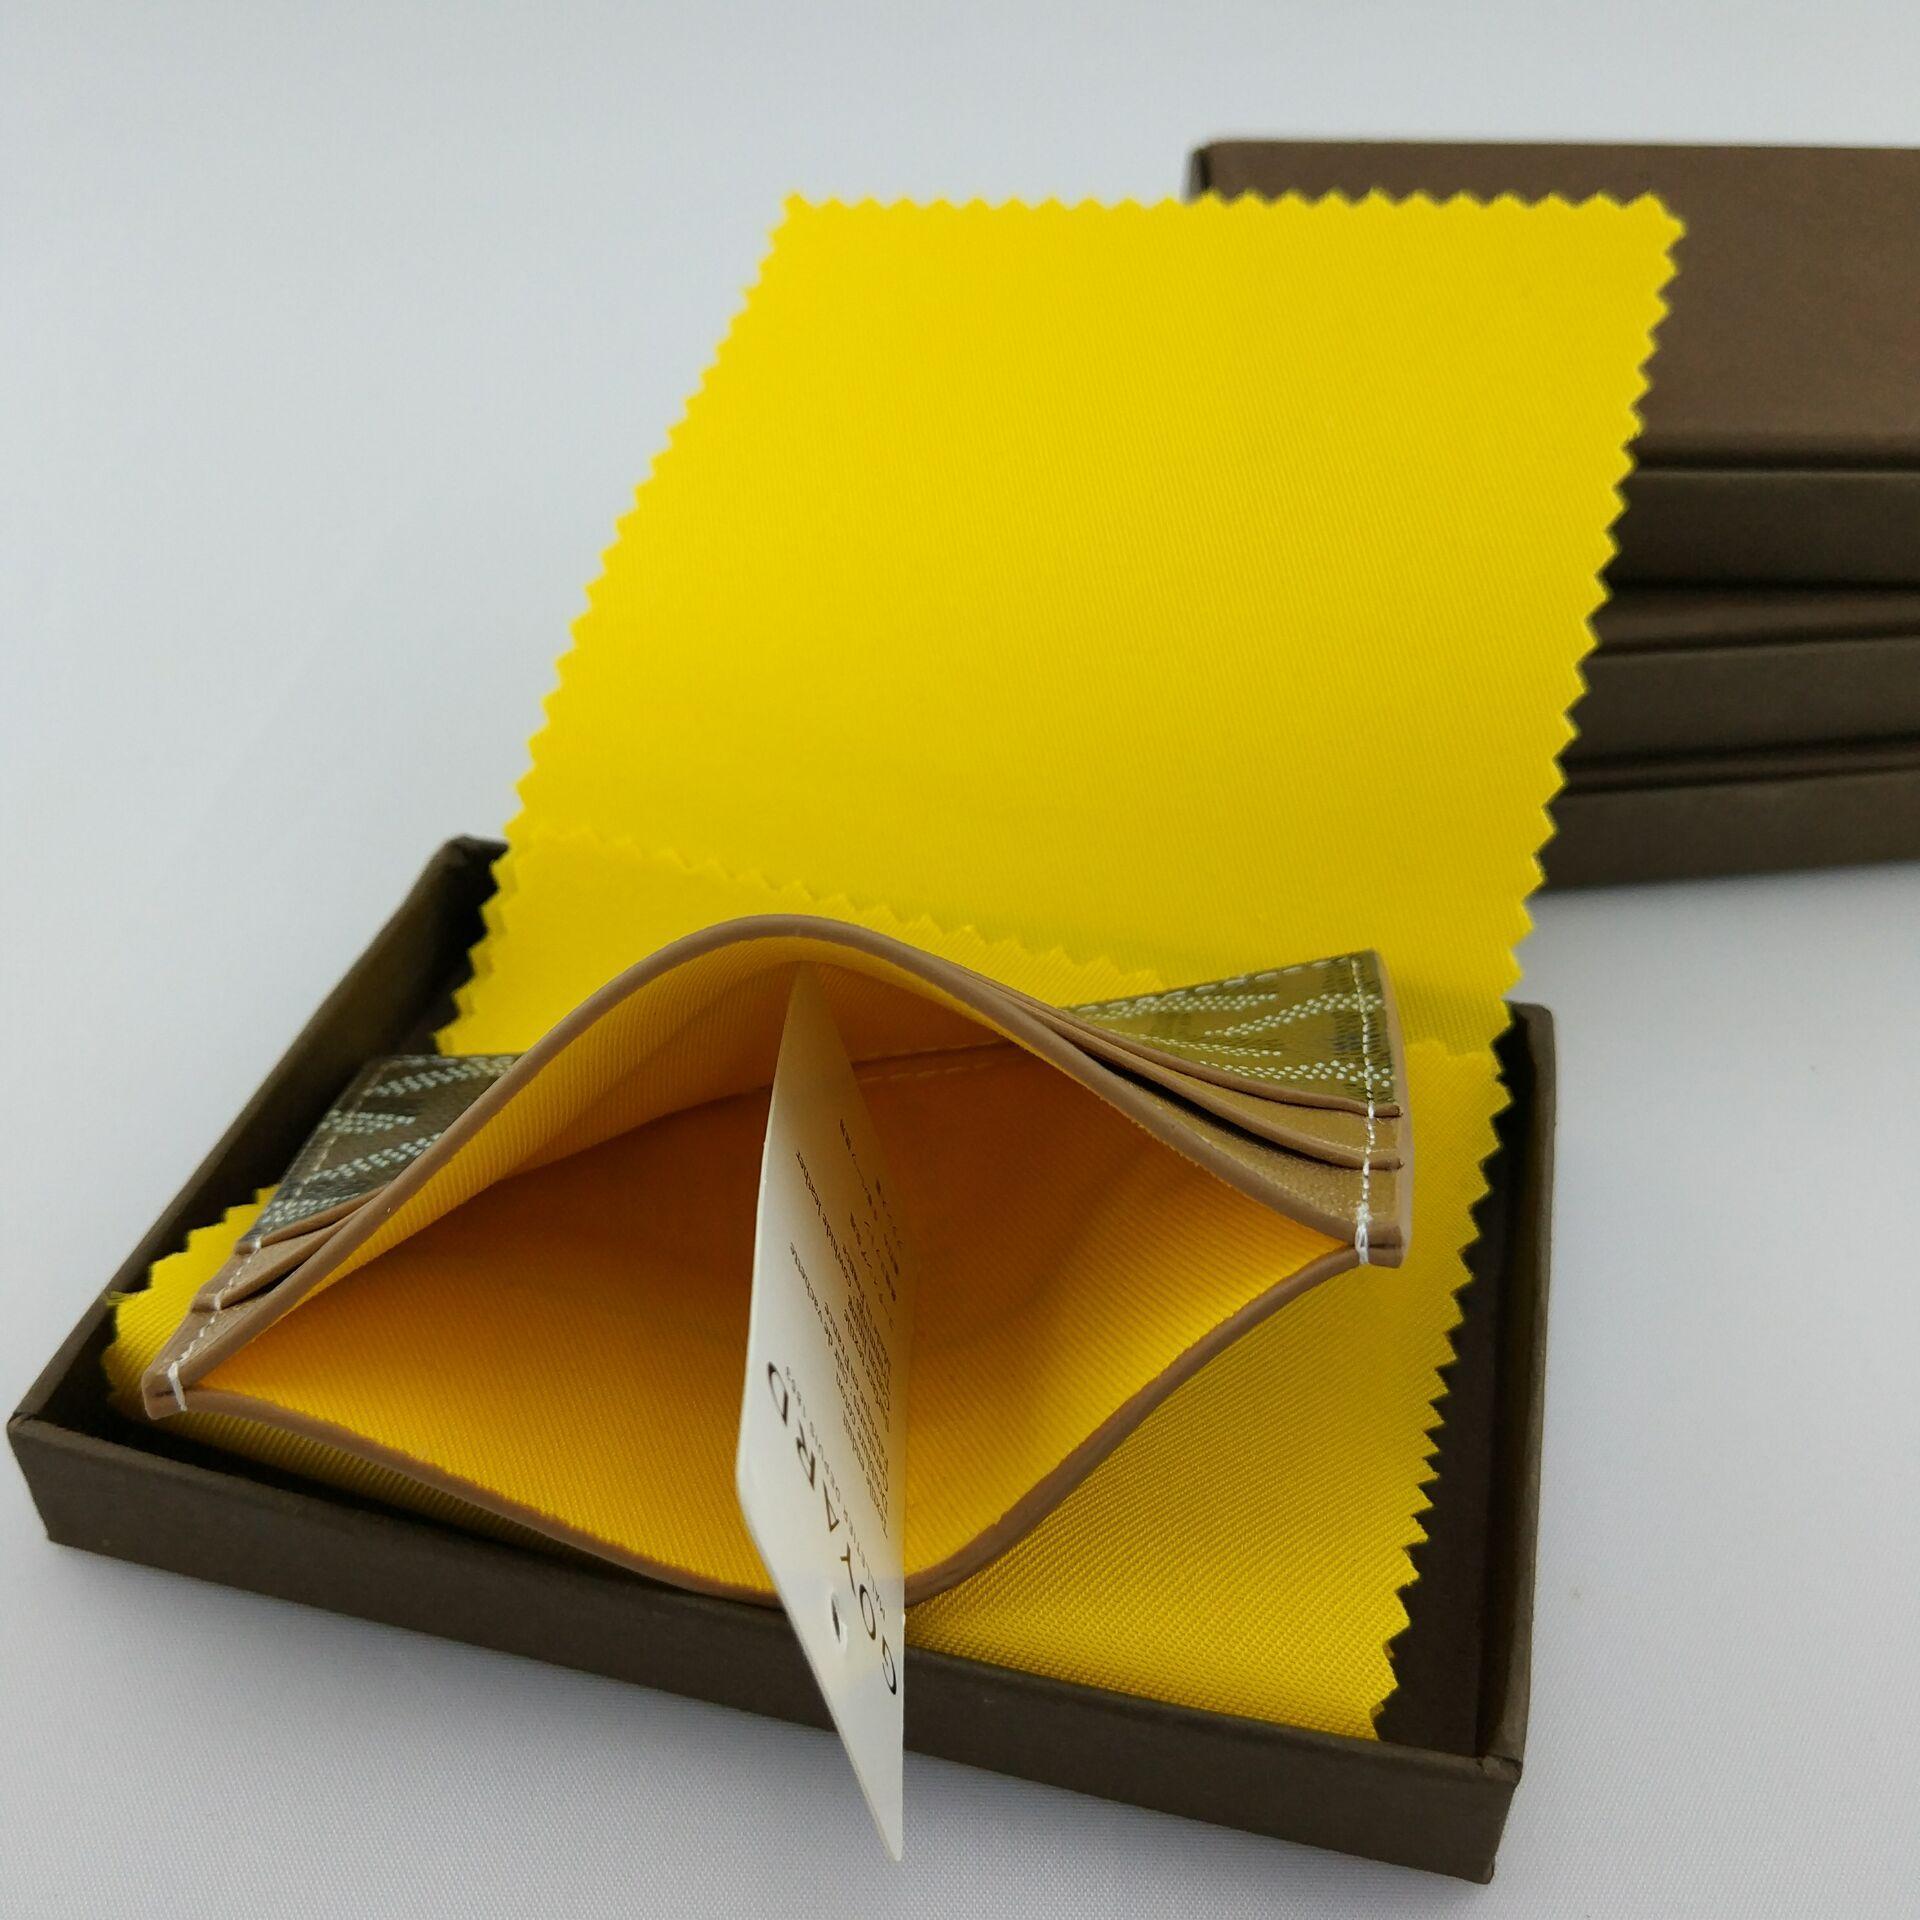 vente en gros classique design casual en cuir carte set carte paquet français marée titulaire de la carte d'identité ultra mince portefeuille portefeuille gy sac avec boîte